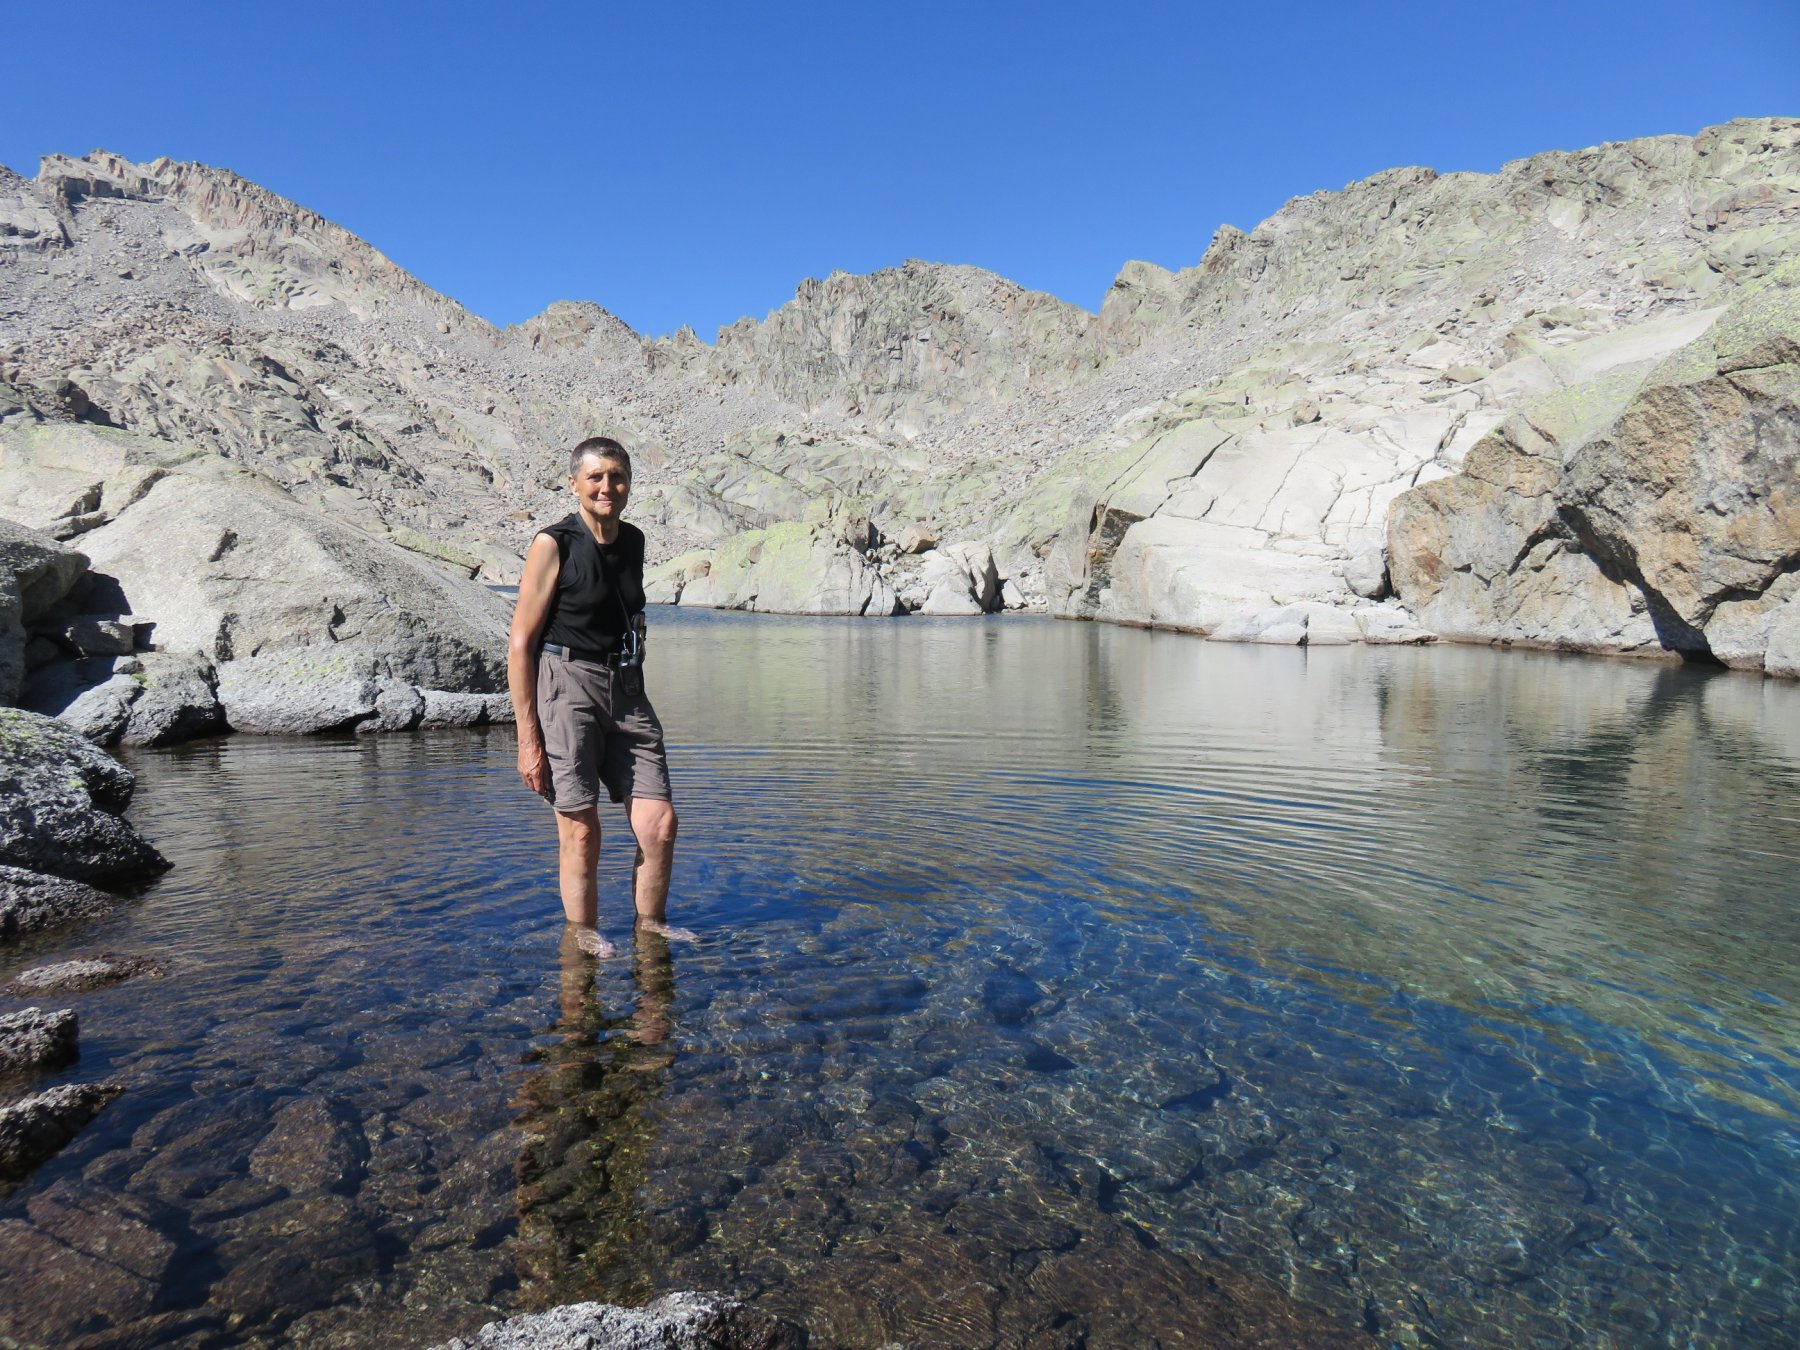 I piedi fanno male, l'acqua è fredda, ma la soddisfazione è tanta!